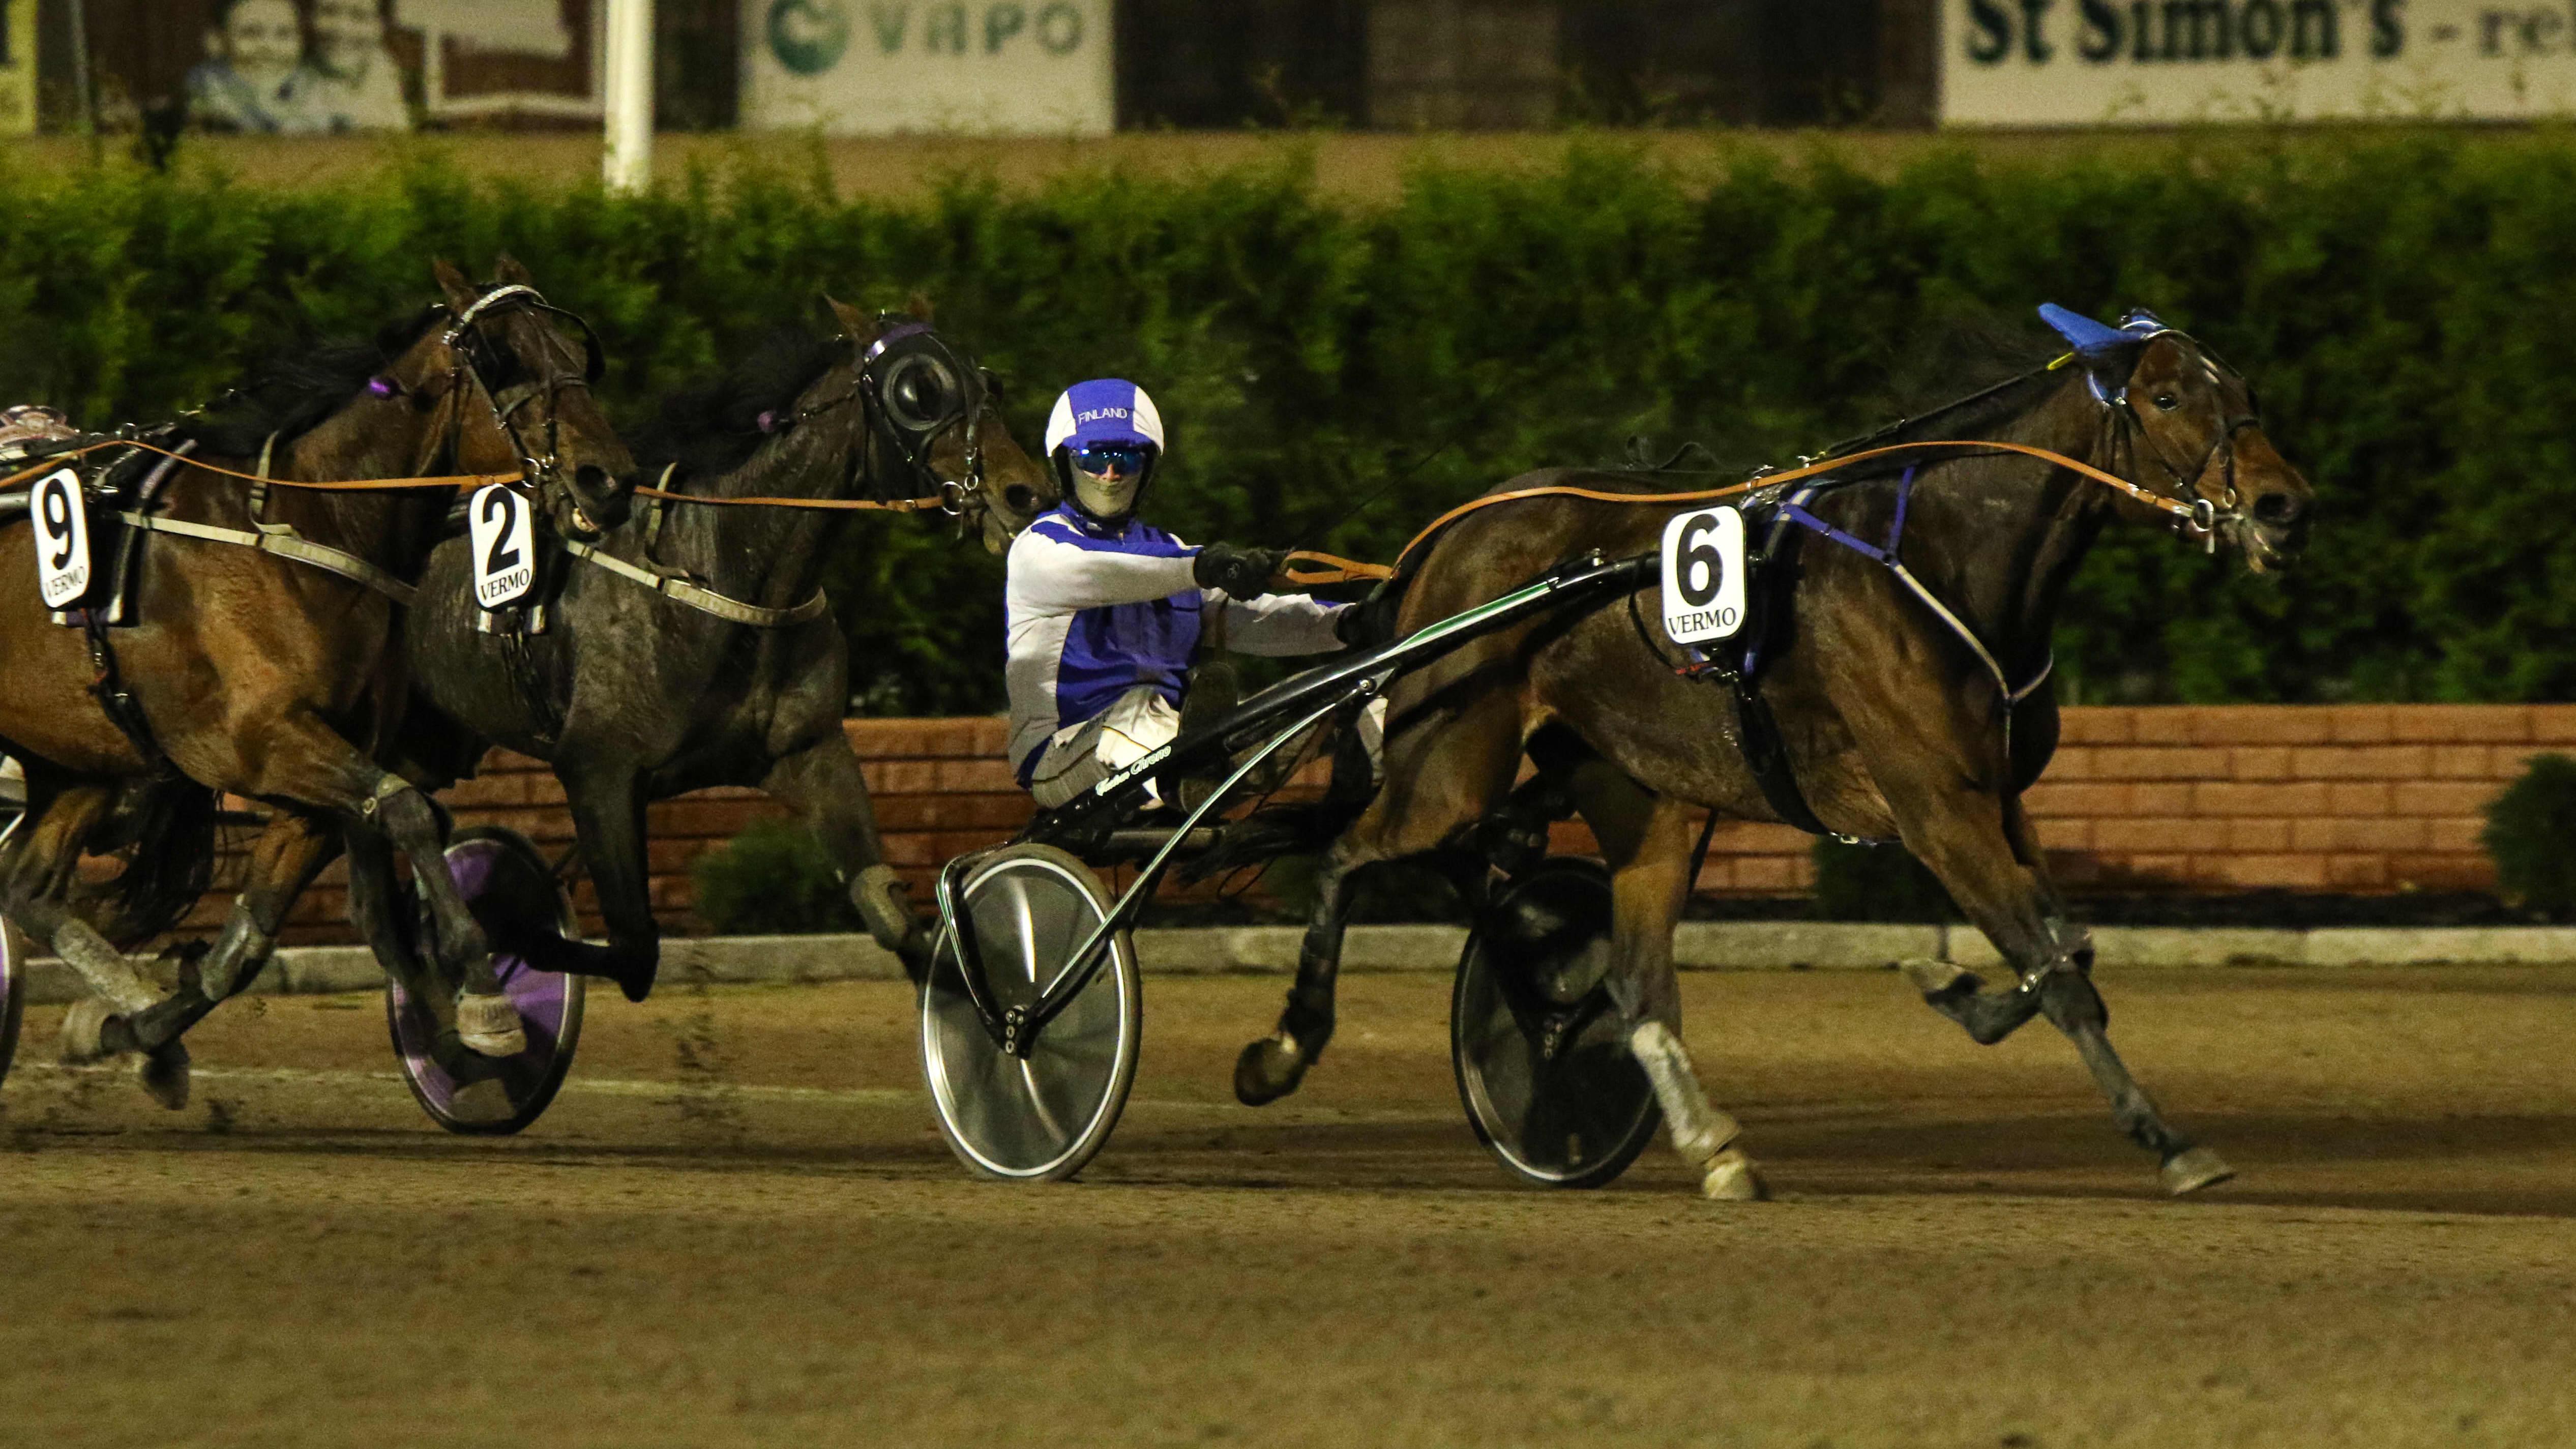 Riku M Lindgren ohjastaa hevosta.